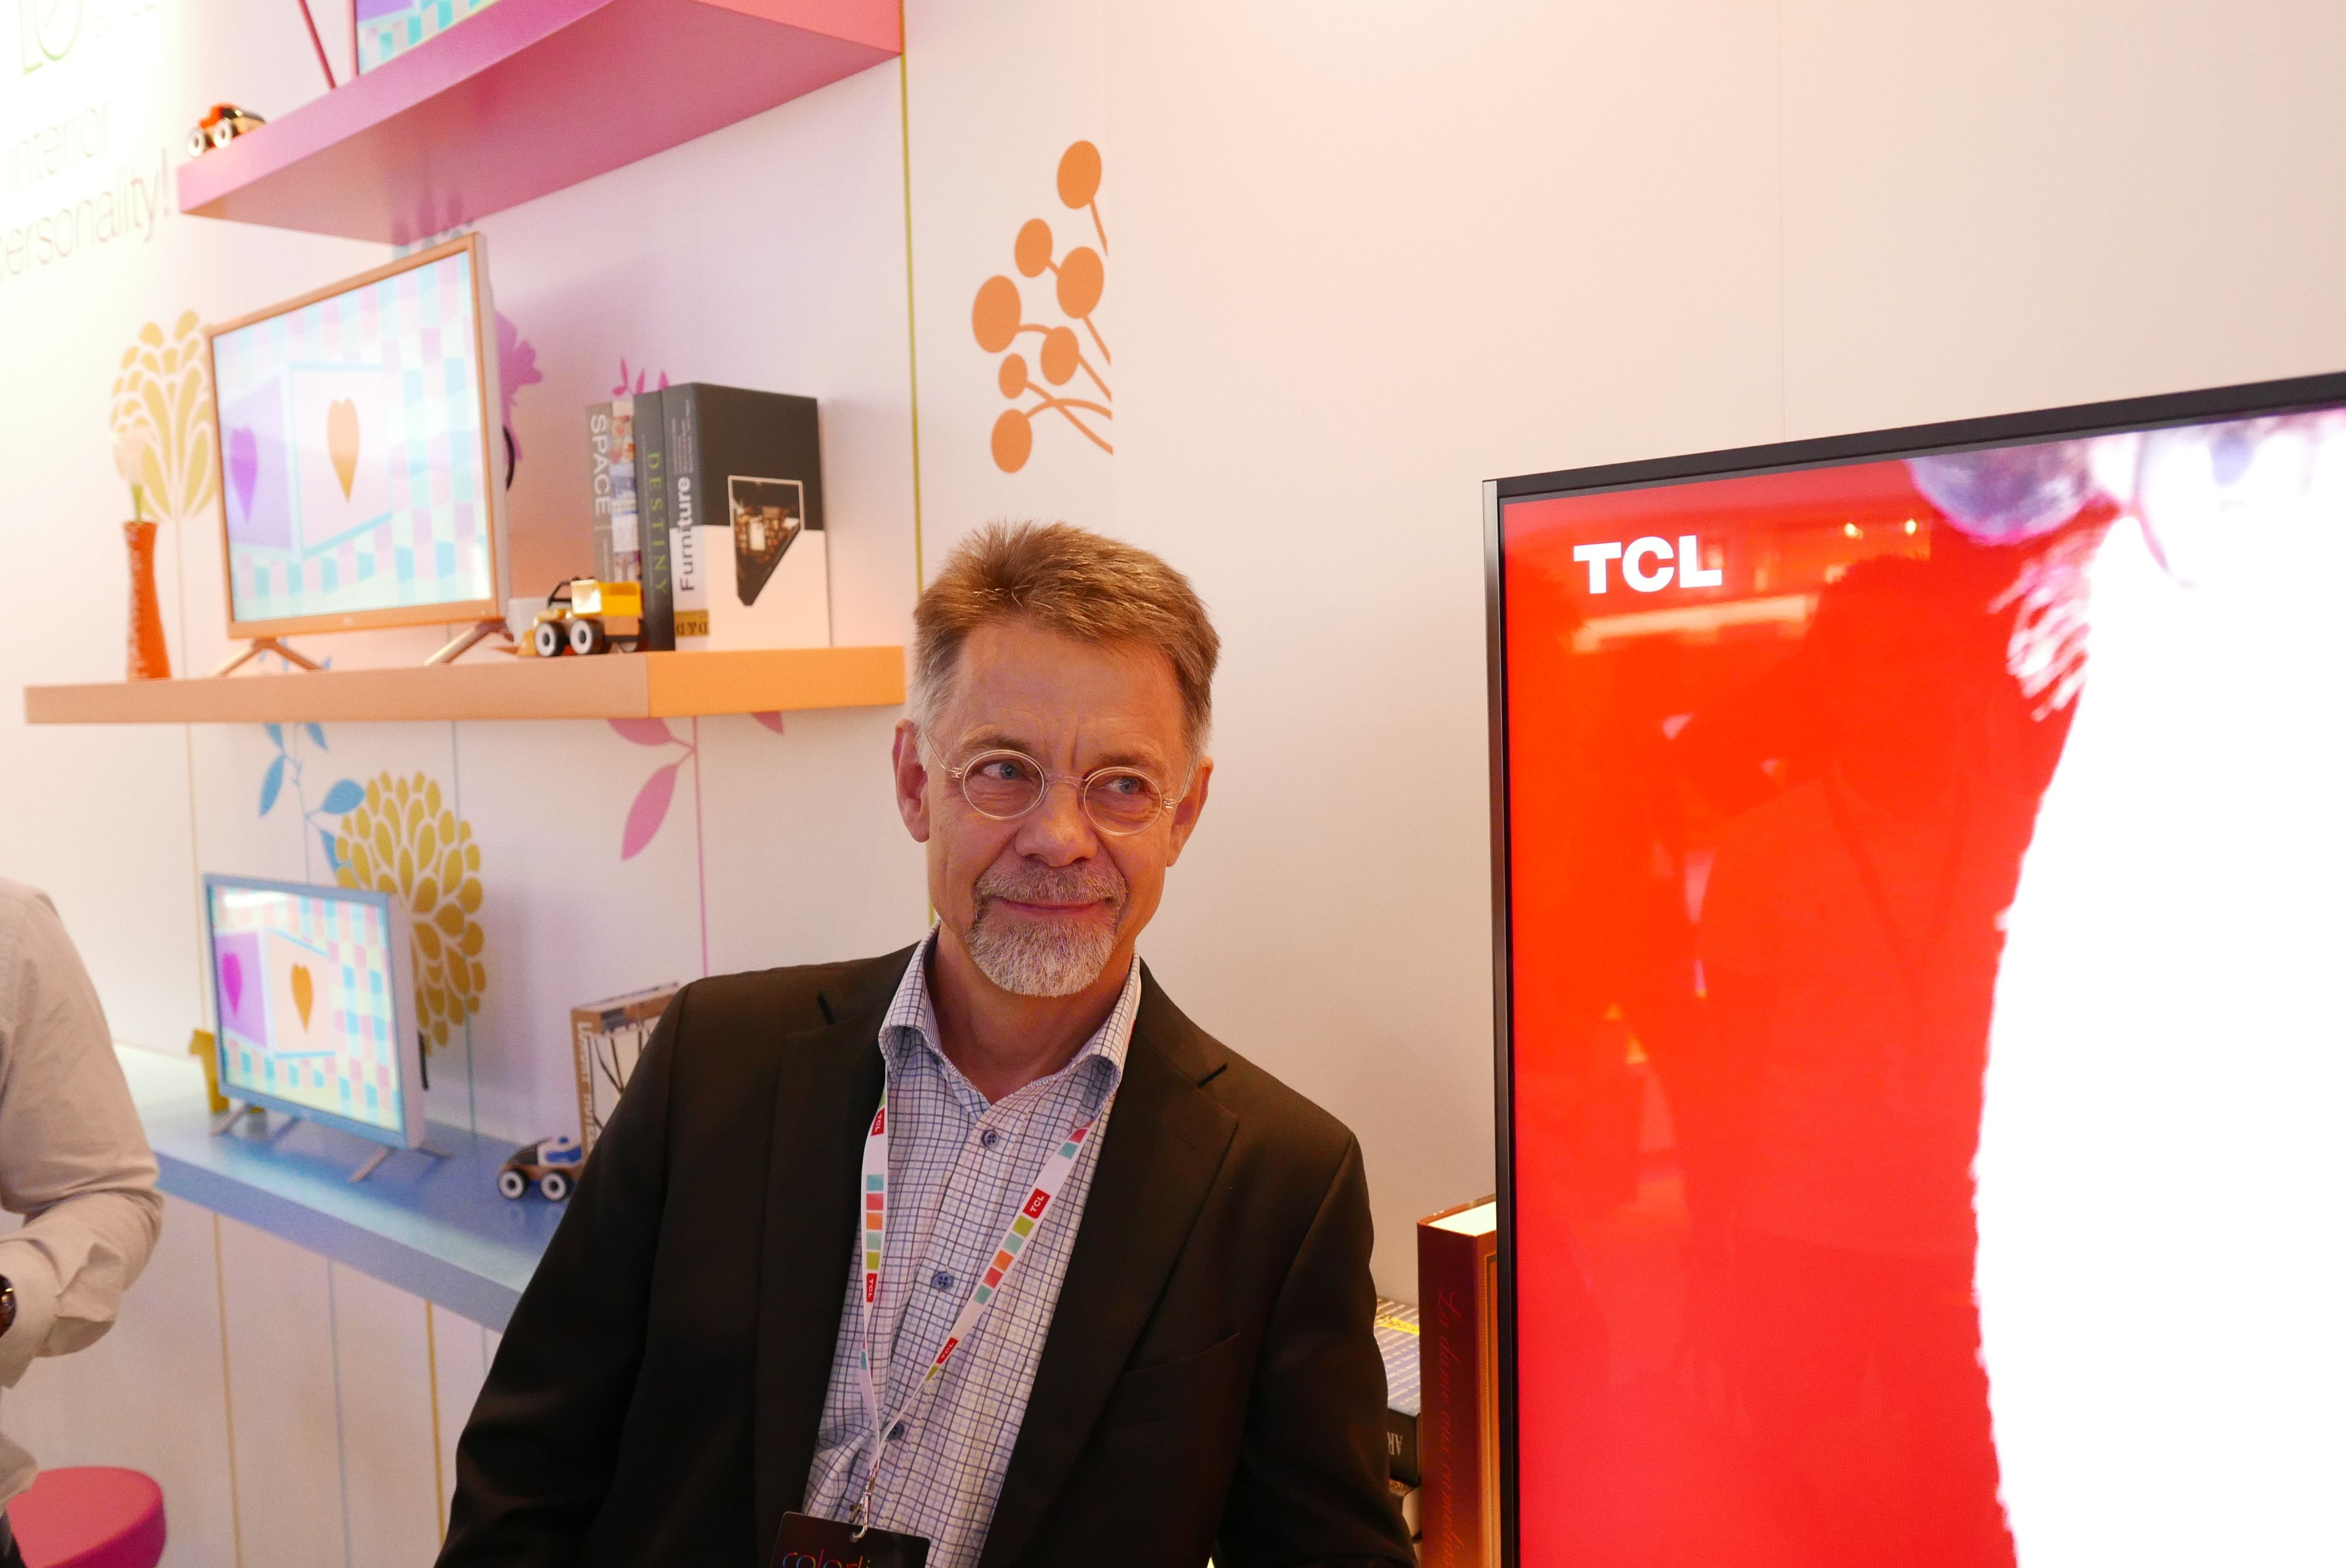 Flemming Møller Pedersen jobber nå i TCL. Foto: Ole Henrik Johansen / Tek.no